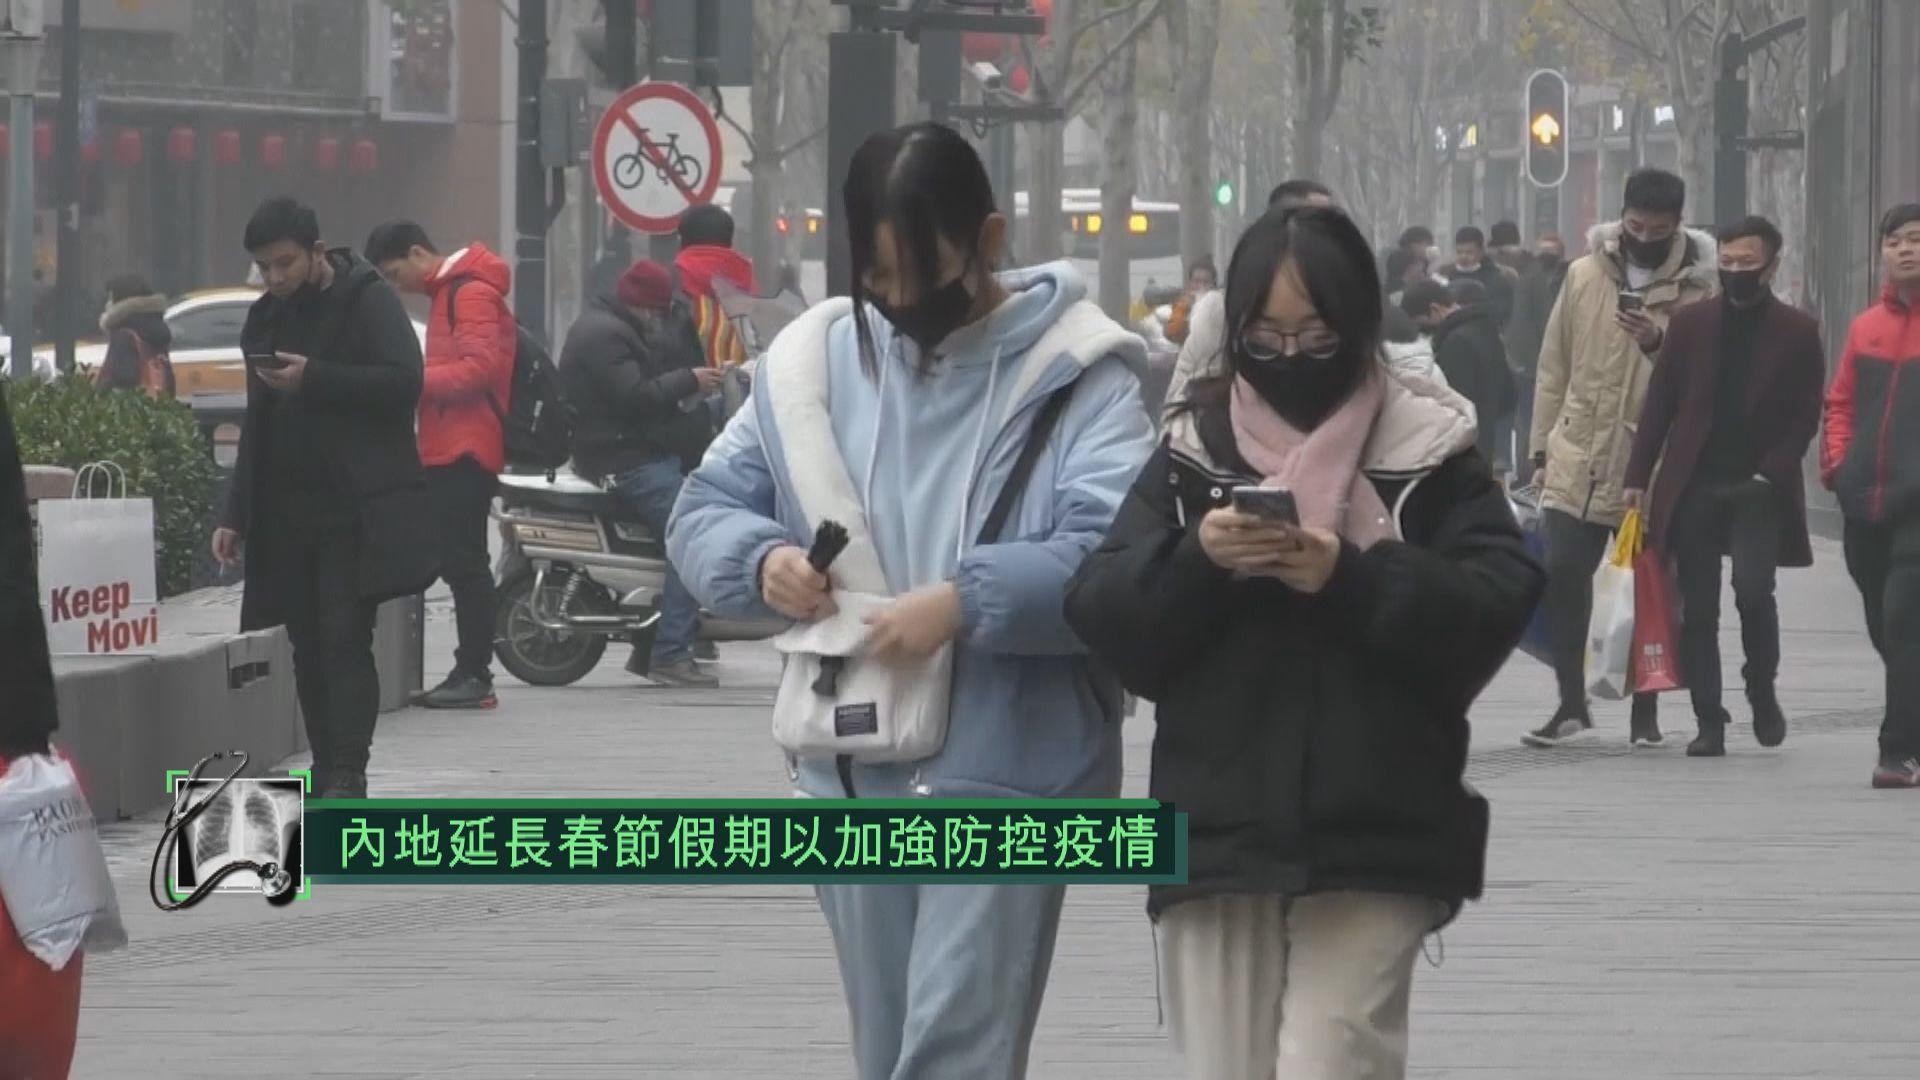 內地延長春節假期至2月2日以加強防控疫情